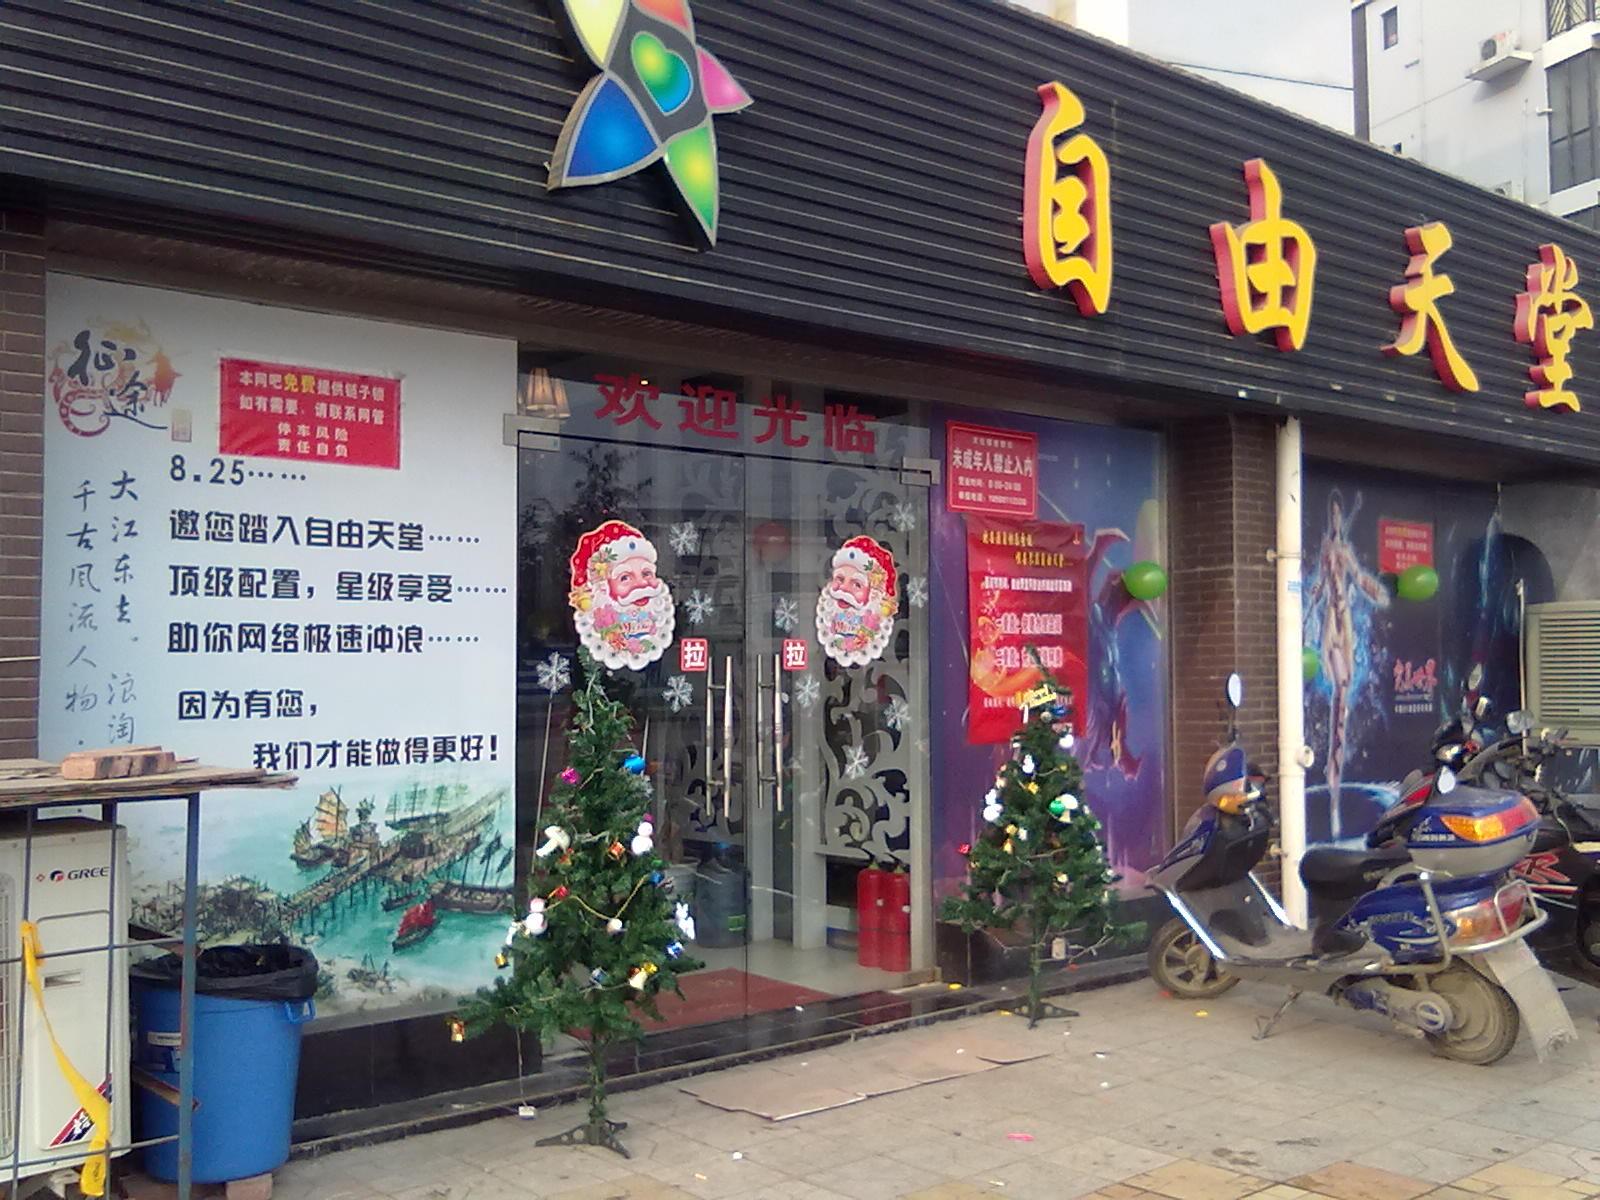 什邡吧_什邡自由天堂圣诞节 活动 欢迎光临_什邡贴吧_什邡